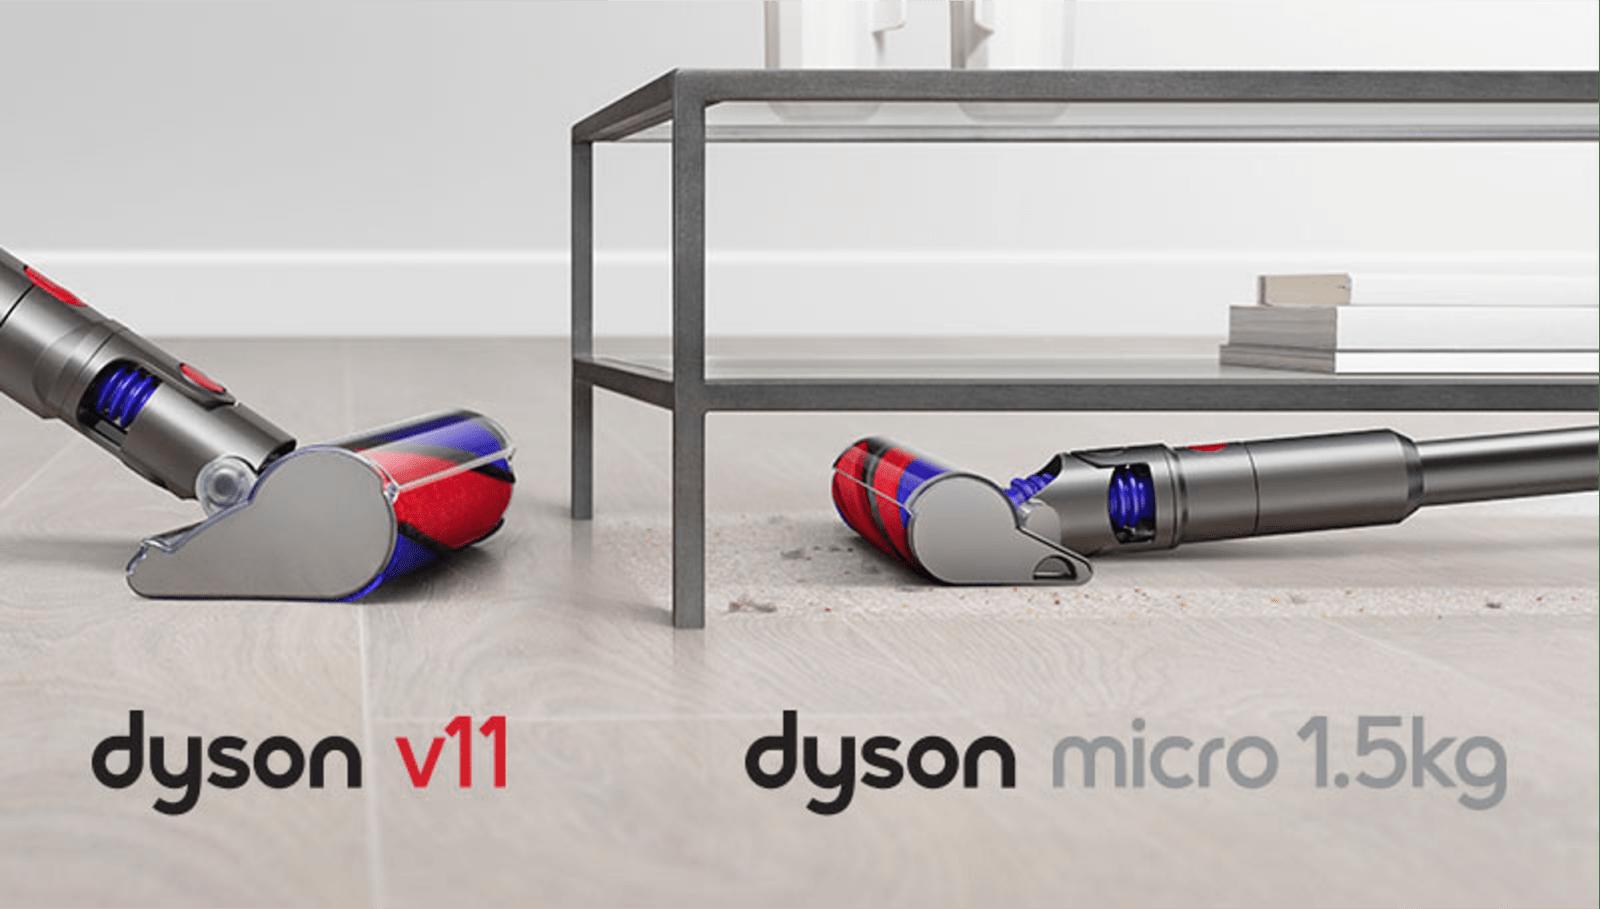 Dyson выпустил новые пылесосы с технологией лазерного обнаружения невидимой пыли (micro)